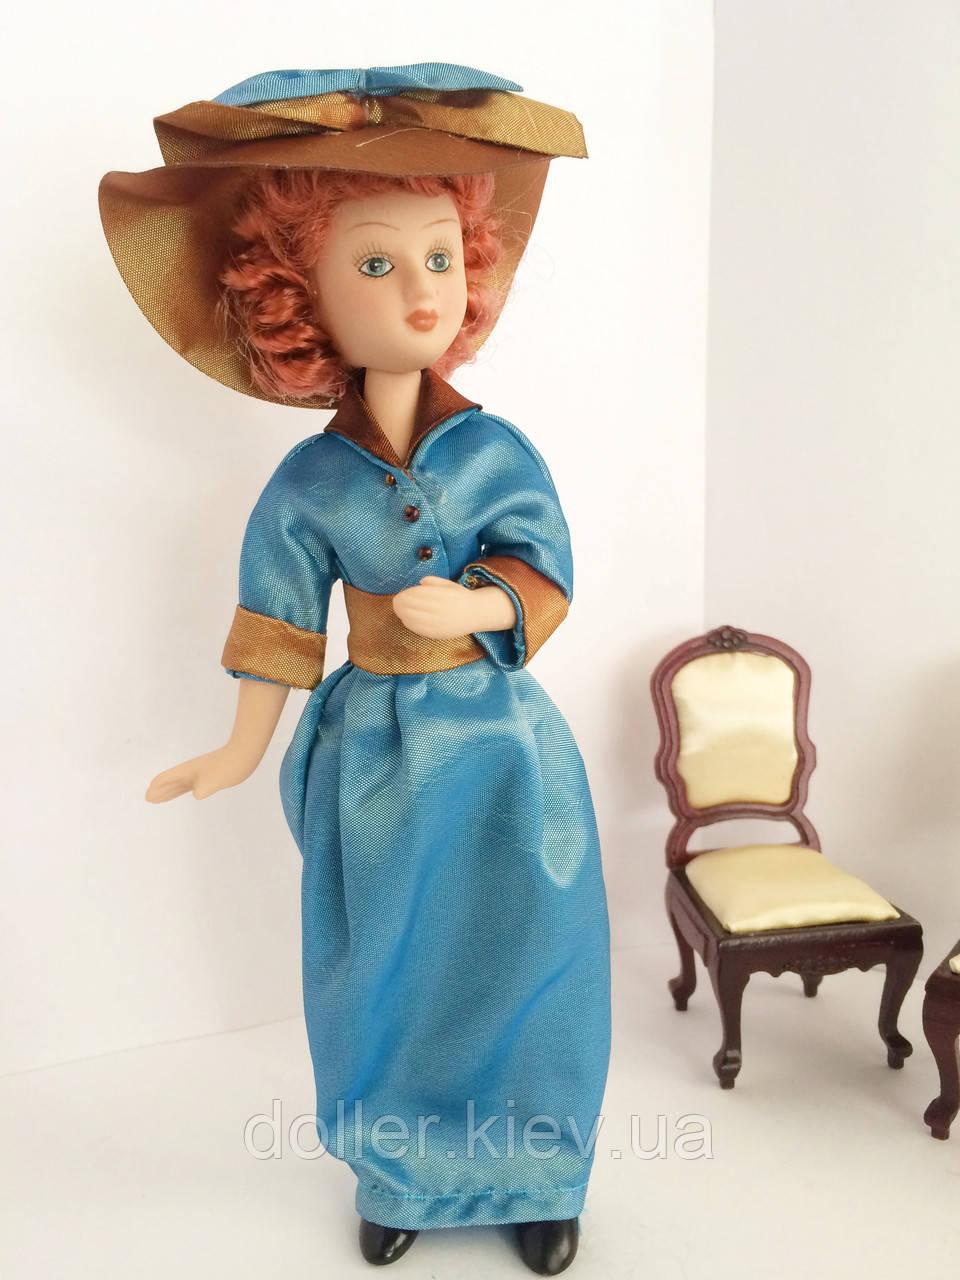 """Коллекционная кукла """"Дамы эпохи"""" в бирюзовой шляпе (18 см.)"""